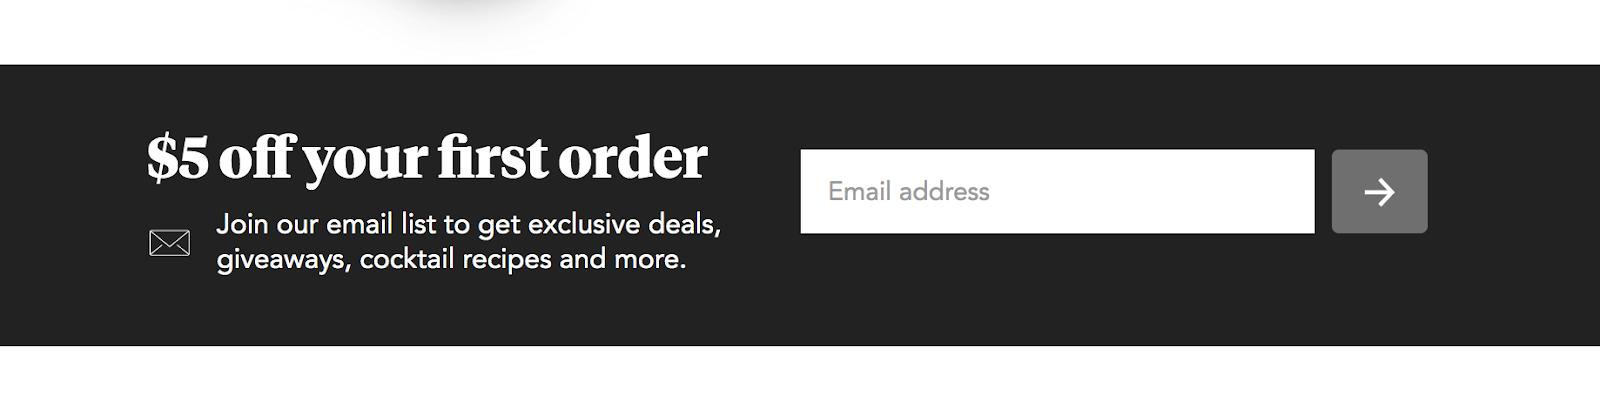 El lugar para inscribirse en la lista de correo electrónico de Minibar y ahorrar $5